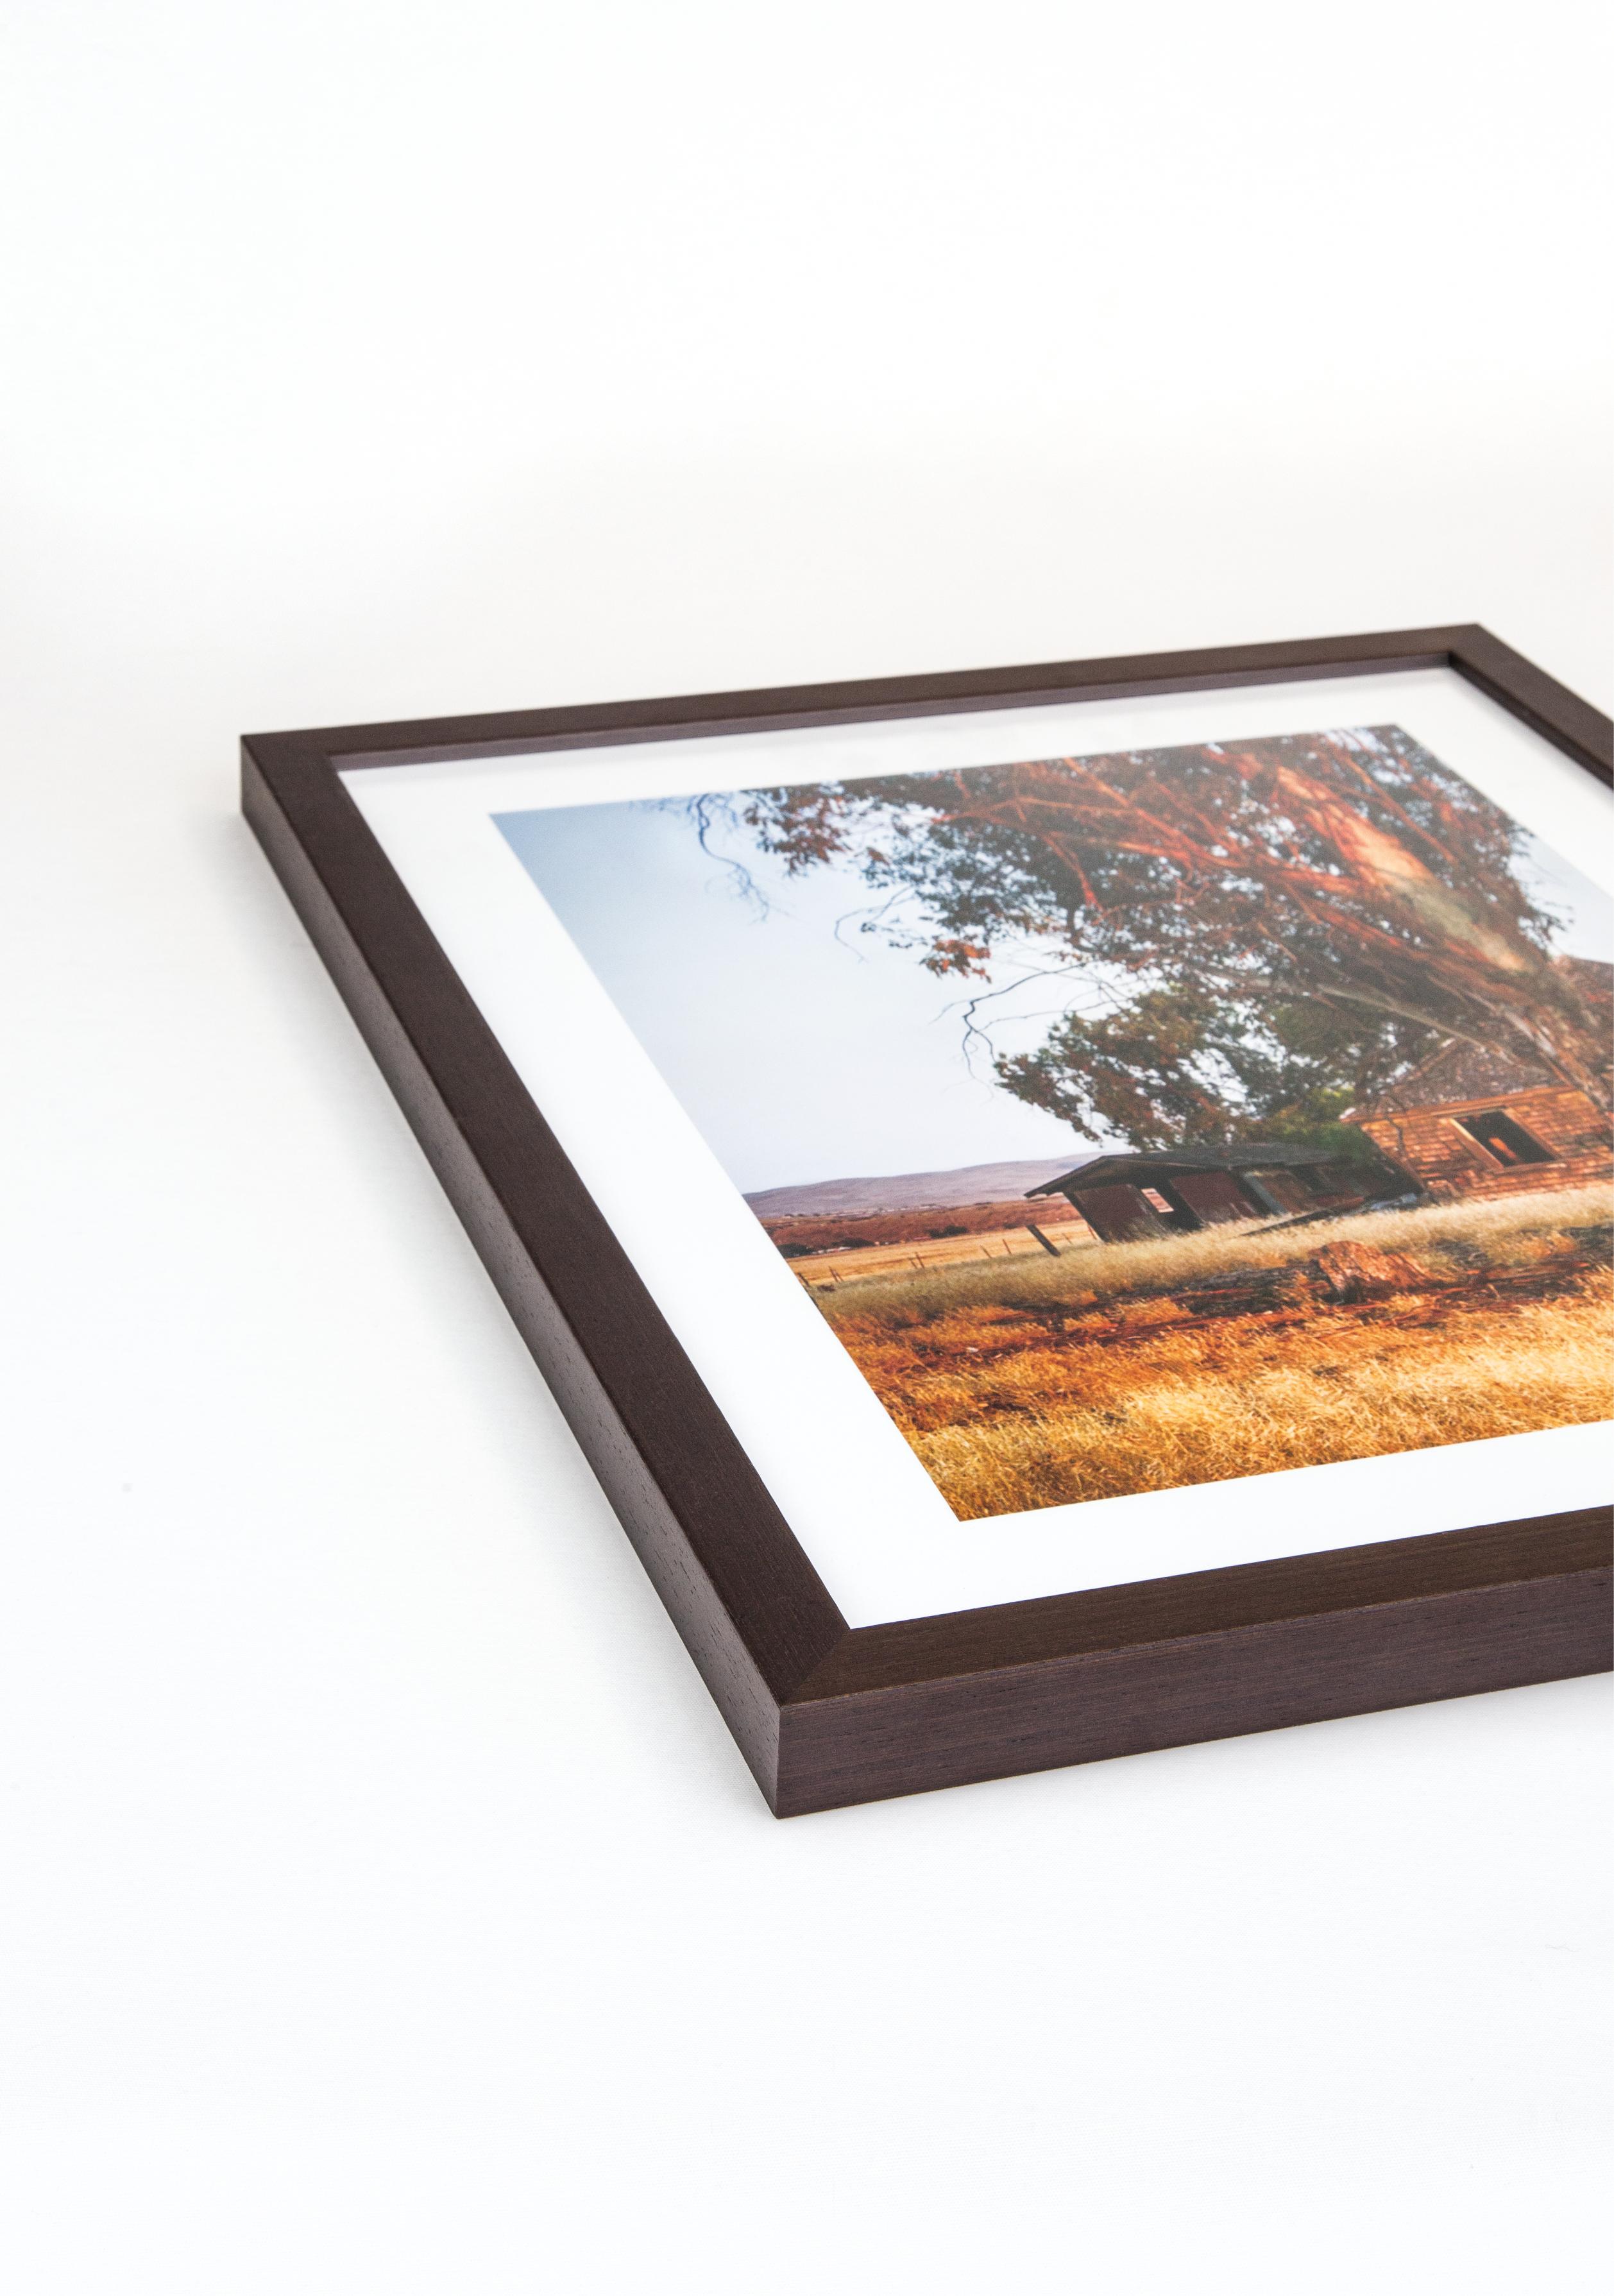 XL › Holz › Bilderrahmen › Produkte › Nielsen